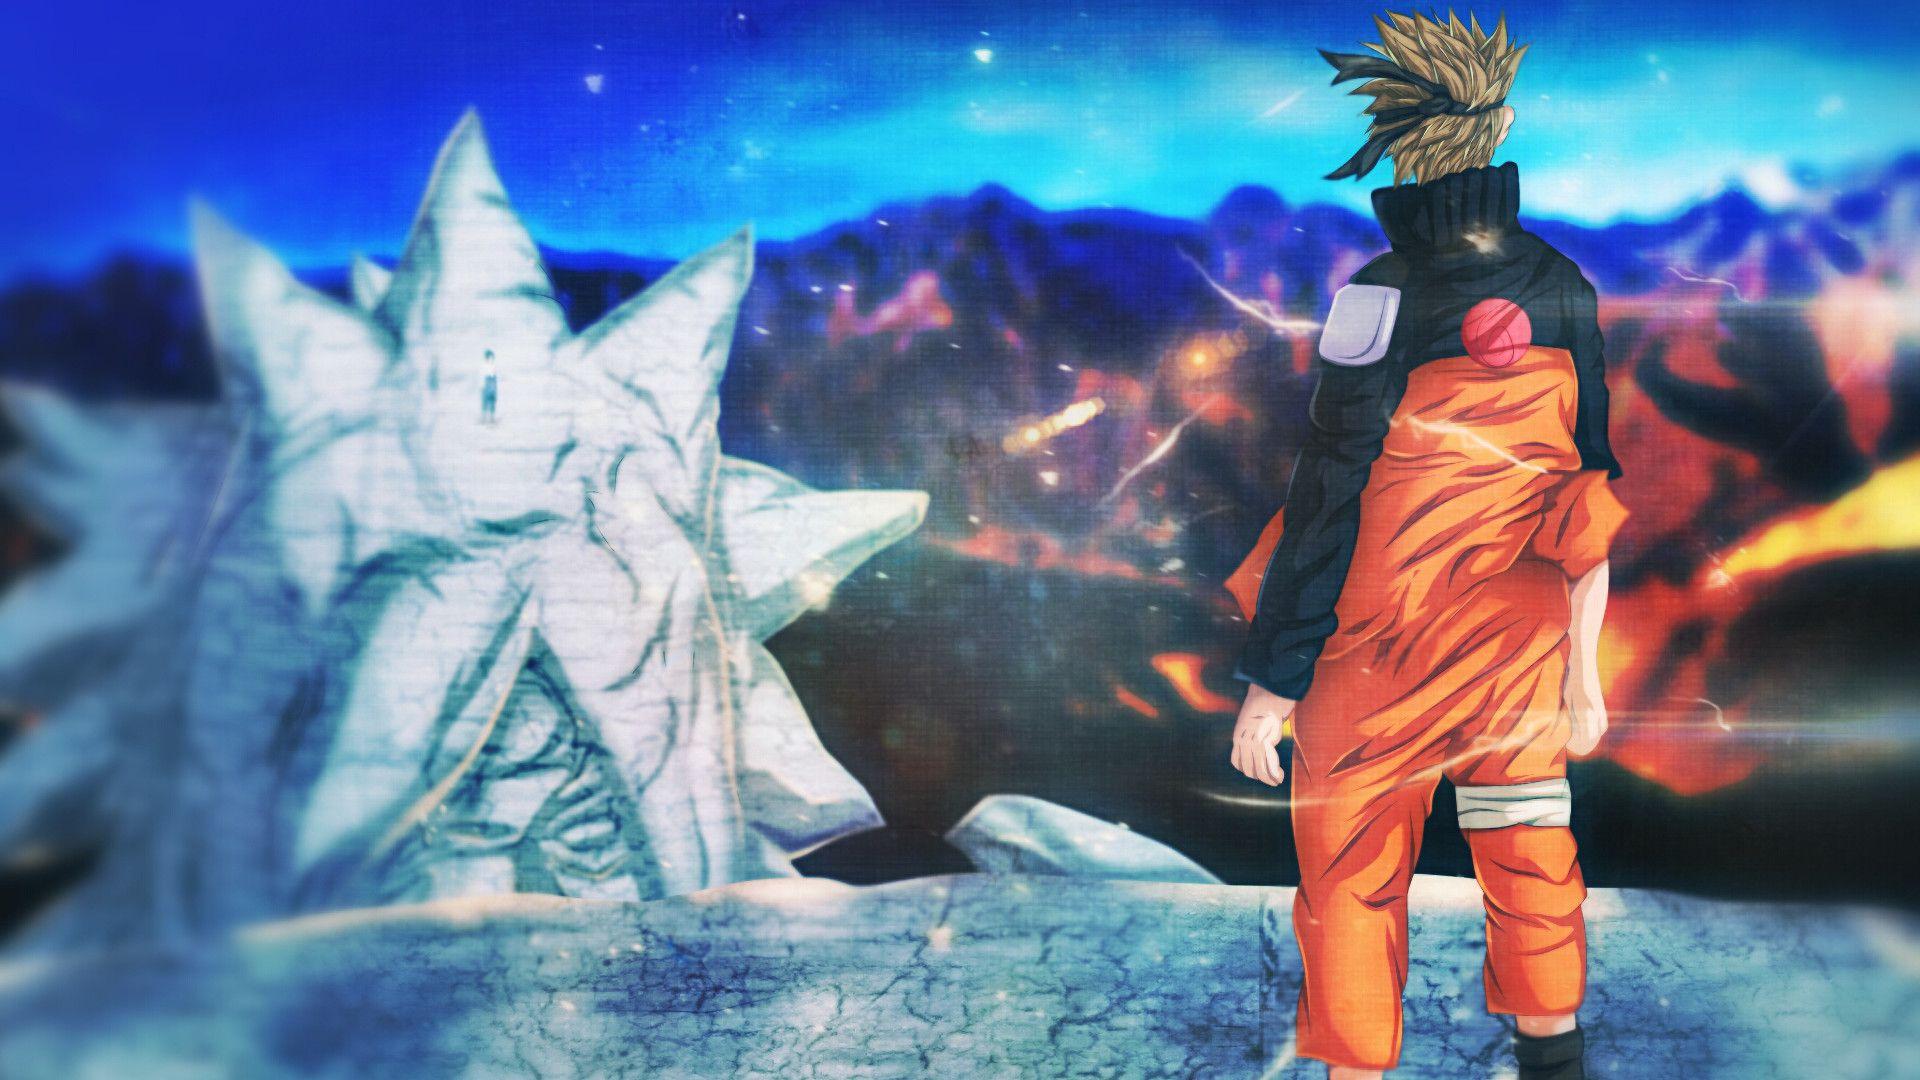 1920x1080 Anime Naruto Naruto Uzumaki Sasuke Uchiha Wallpaper